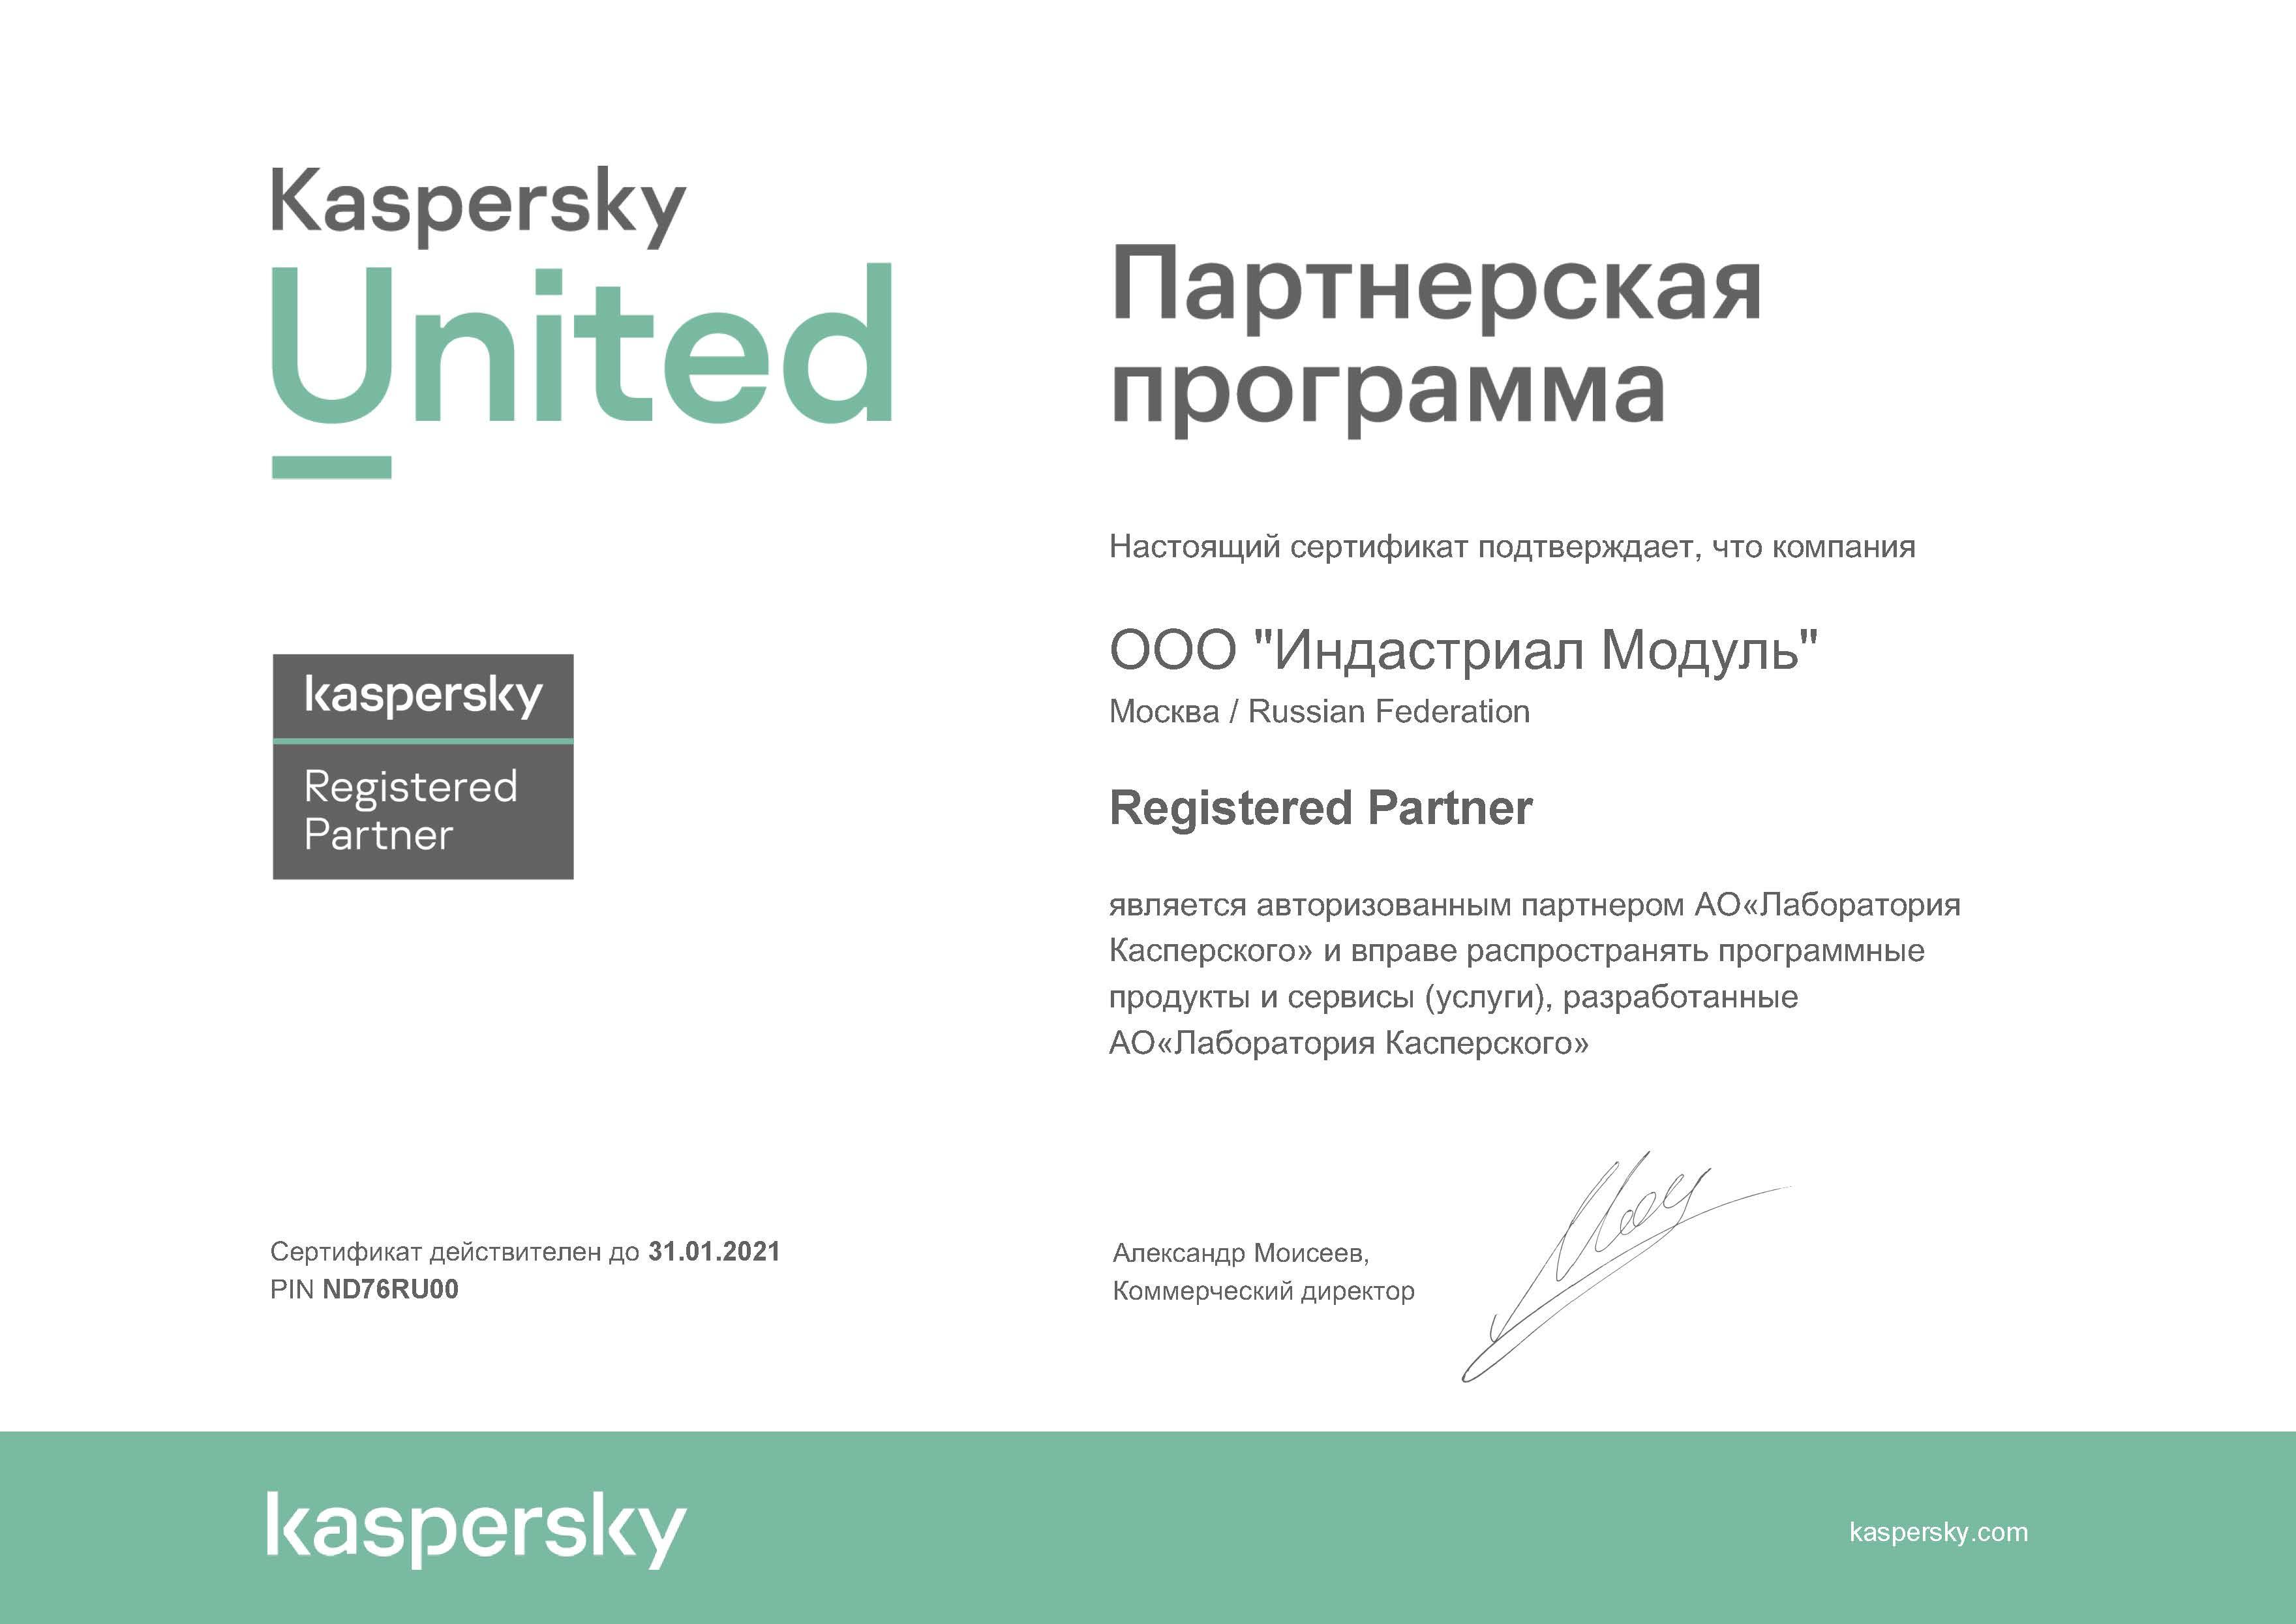 Сертификат партнера Kaspersky для сферы B2B